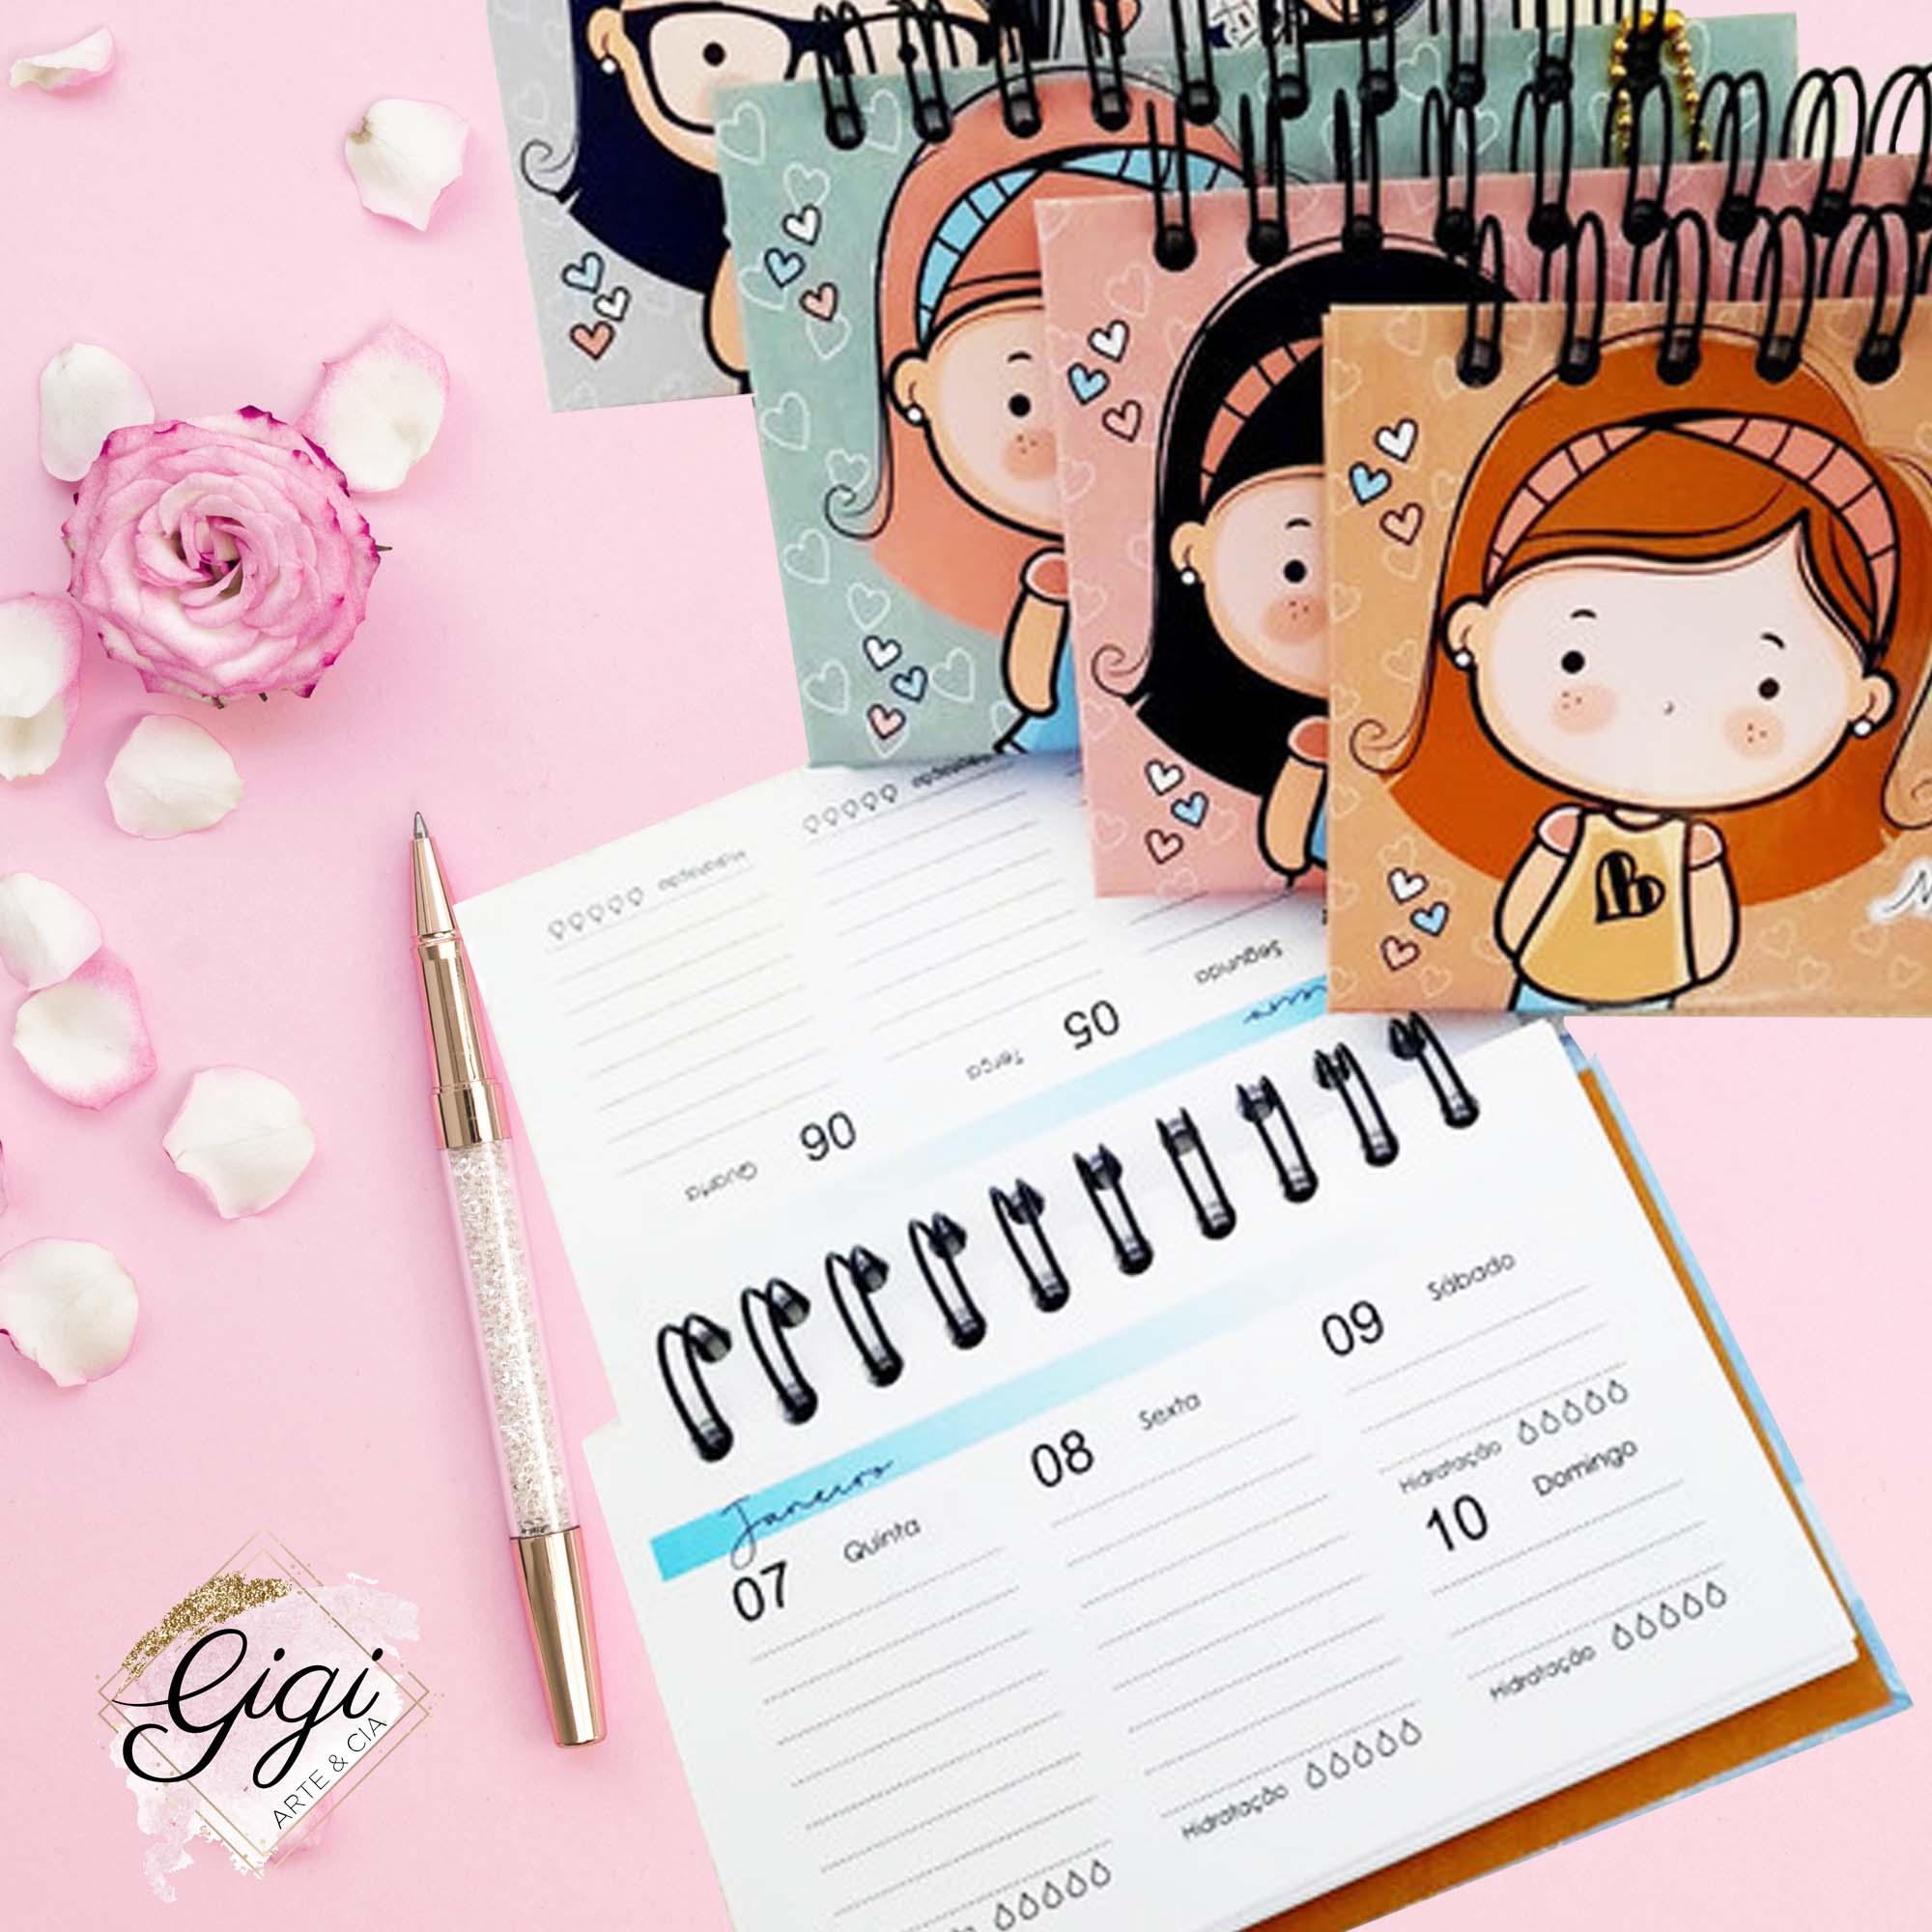 Mini Agenda  - Gigi Arte e Cia